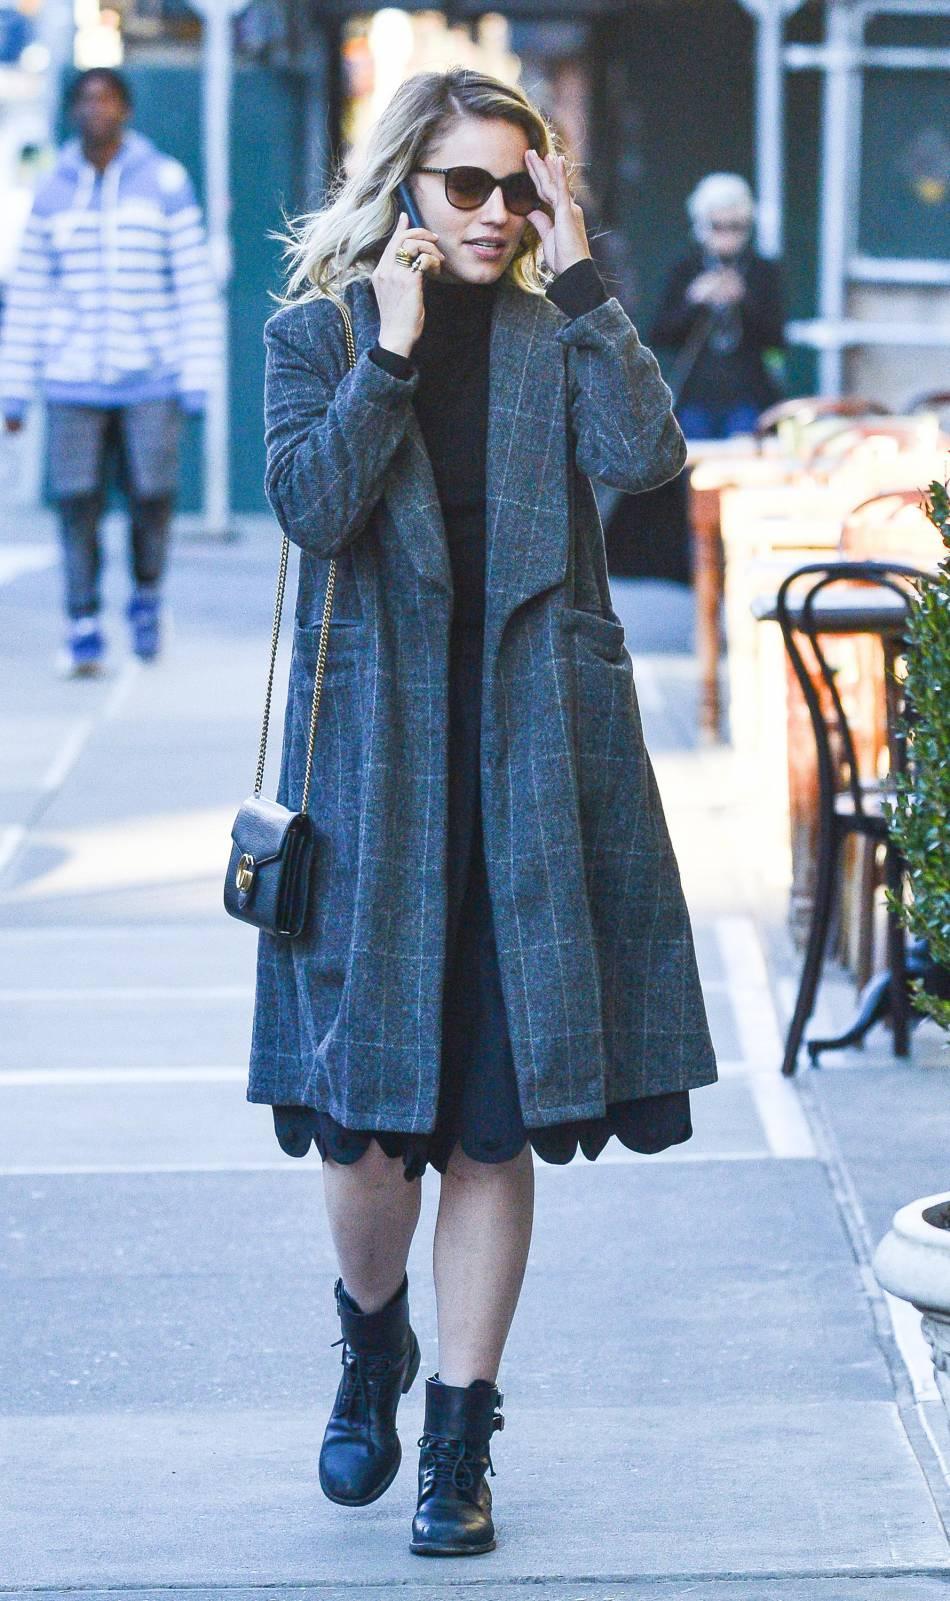 Dianna Agron en manteau à carreaux, le look à copier !